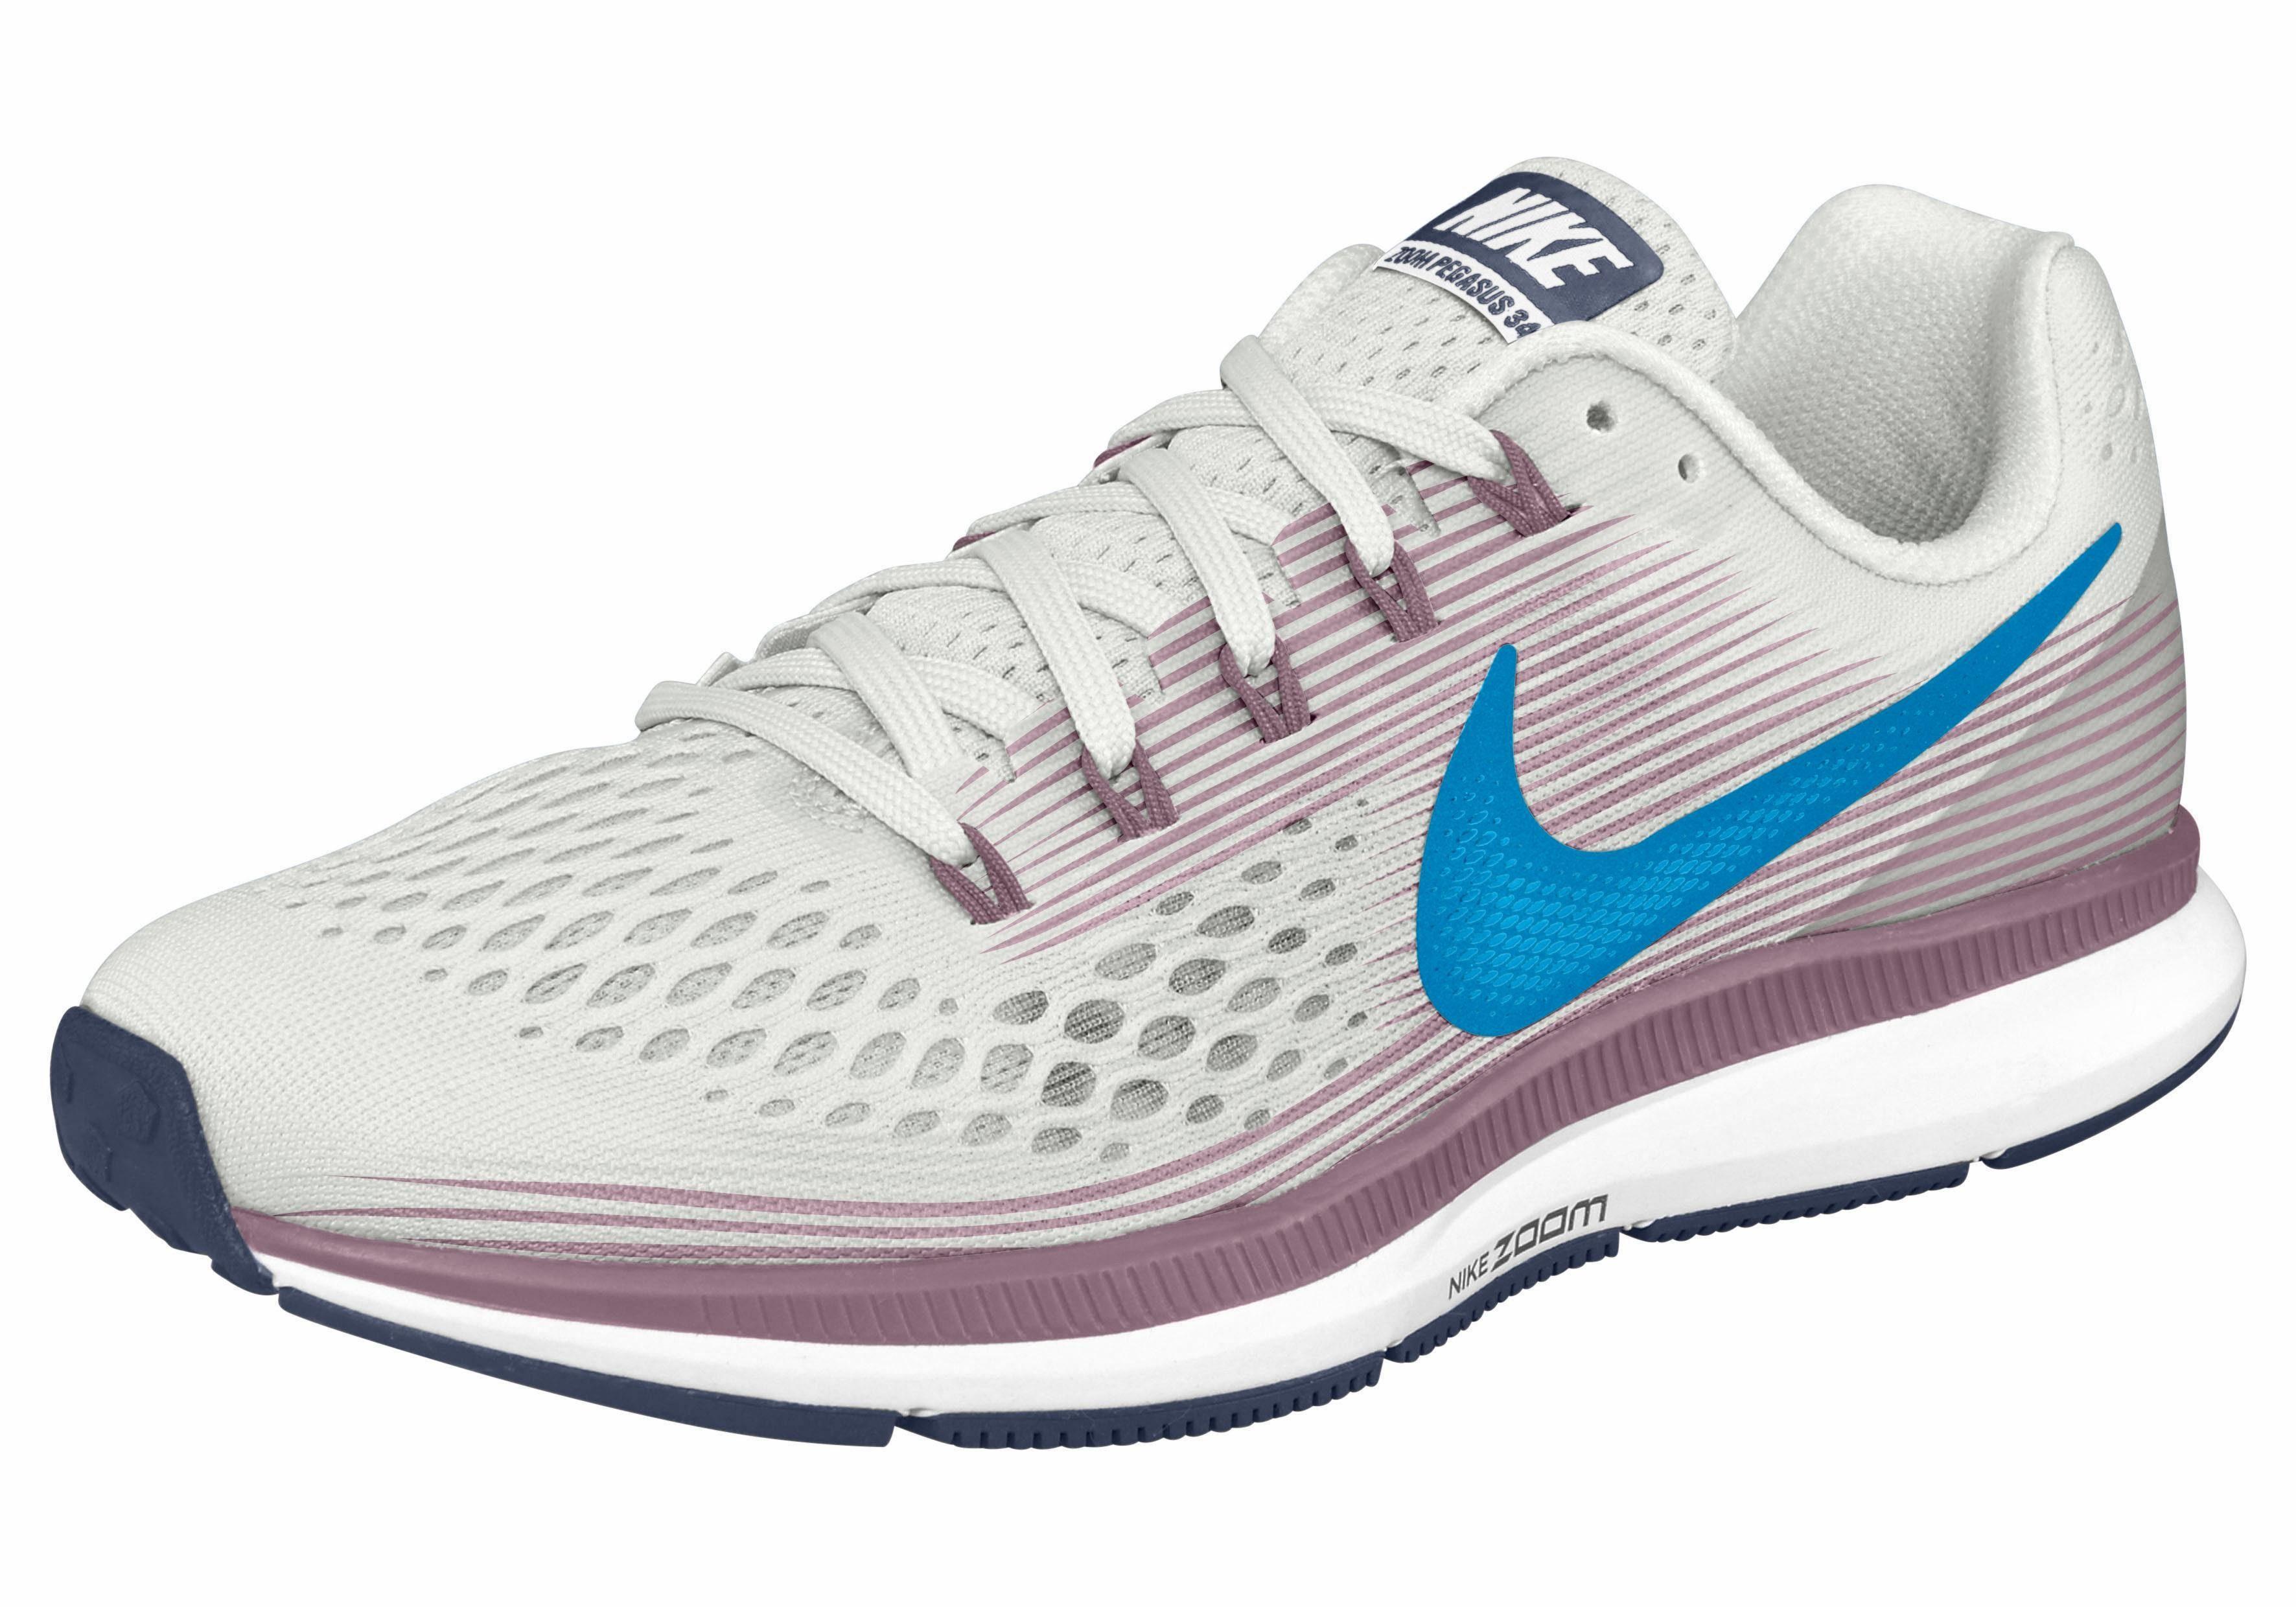 Nike Wmns Air Zoom Pegasus 34 Laufschuh kaufen  offwhite-blau